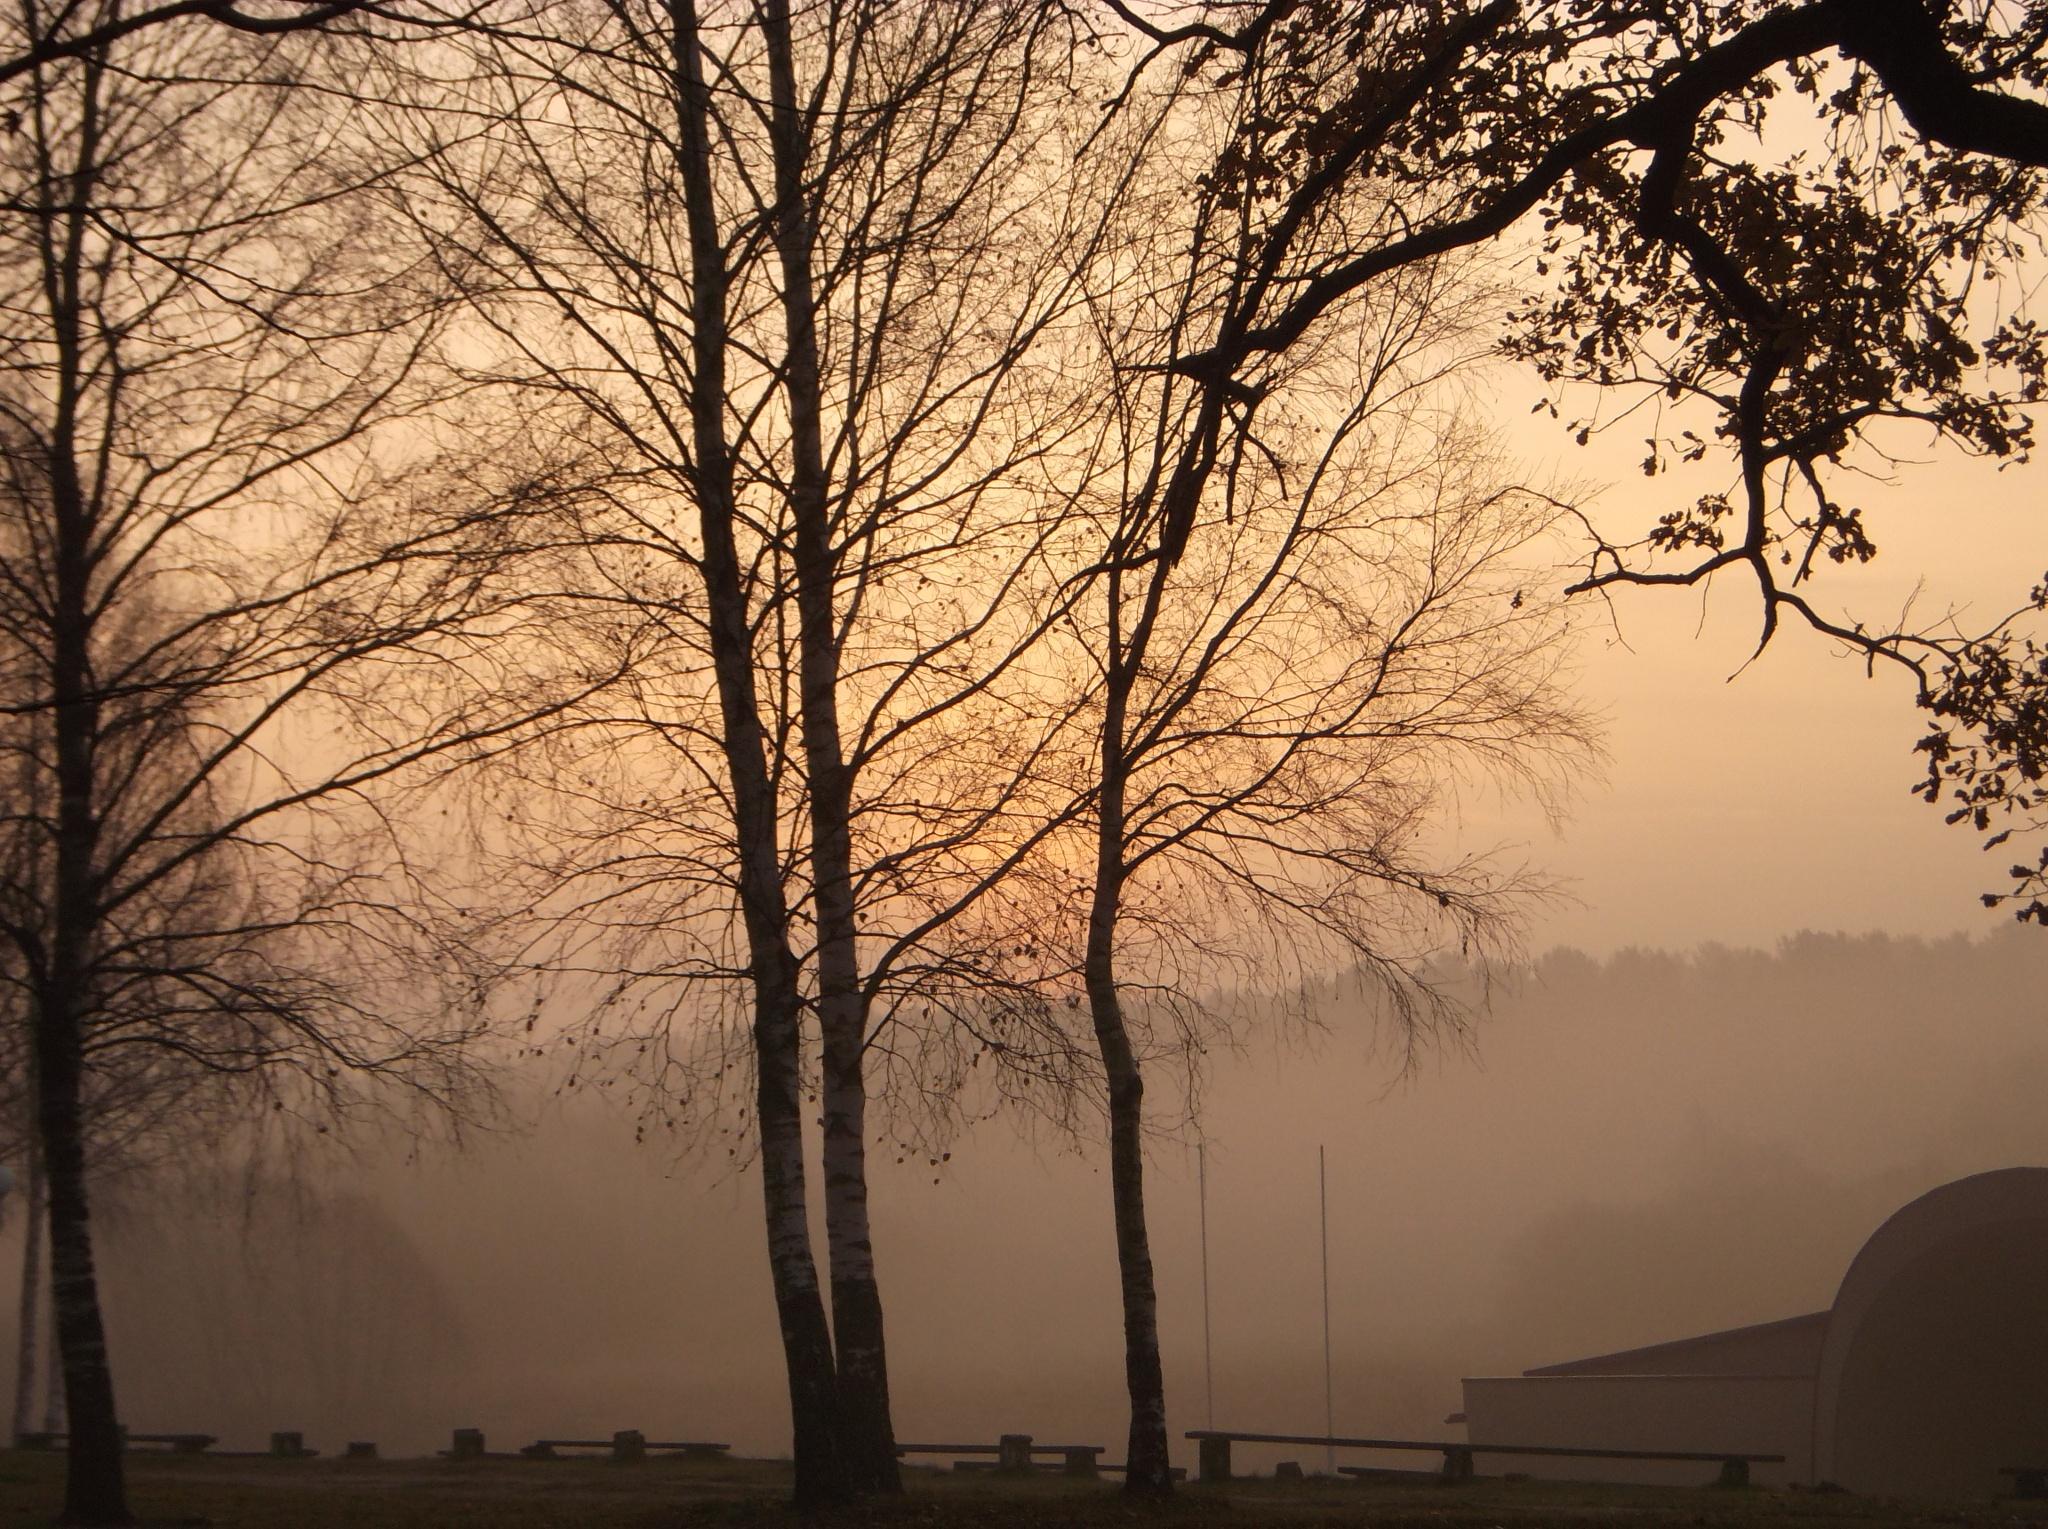 Trees in fog by uzkuraitiene62